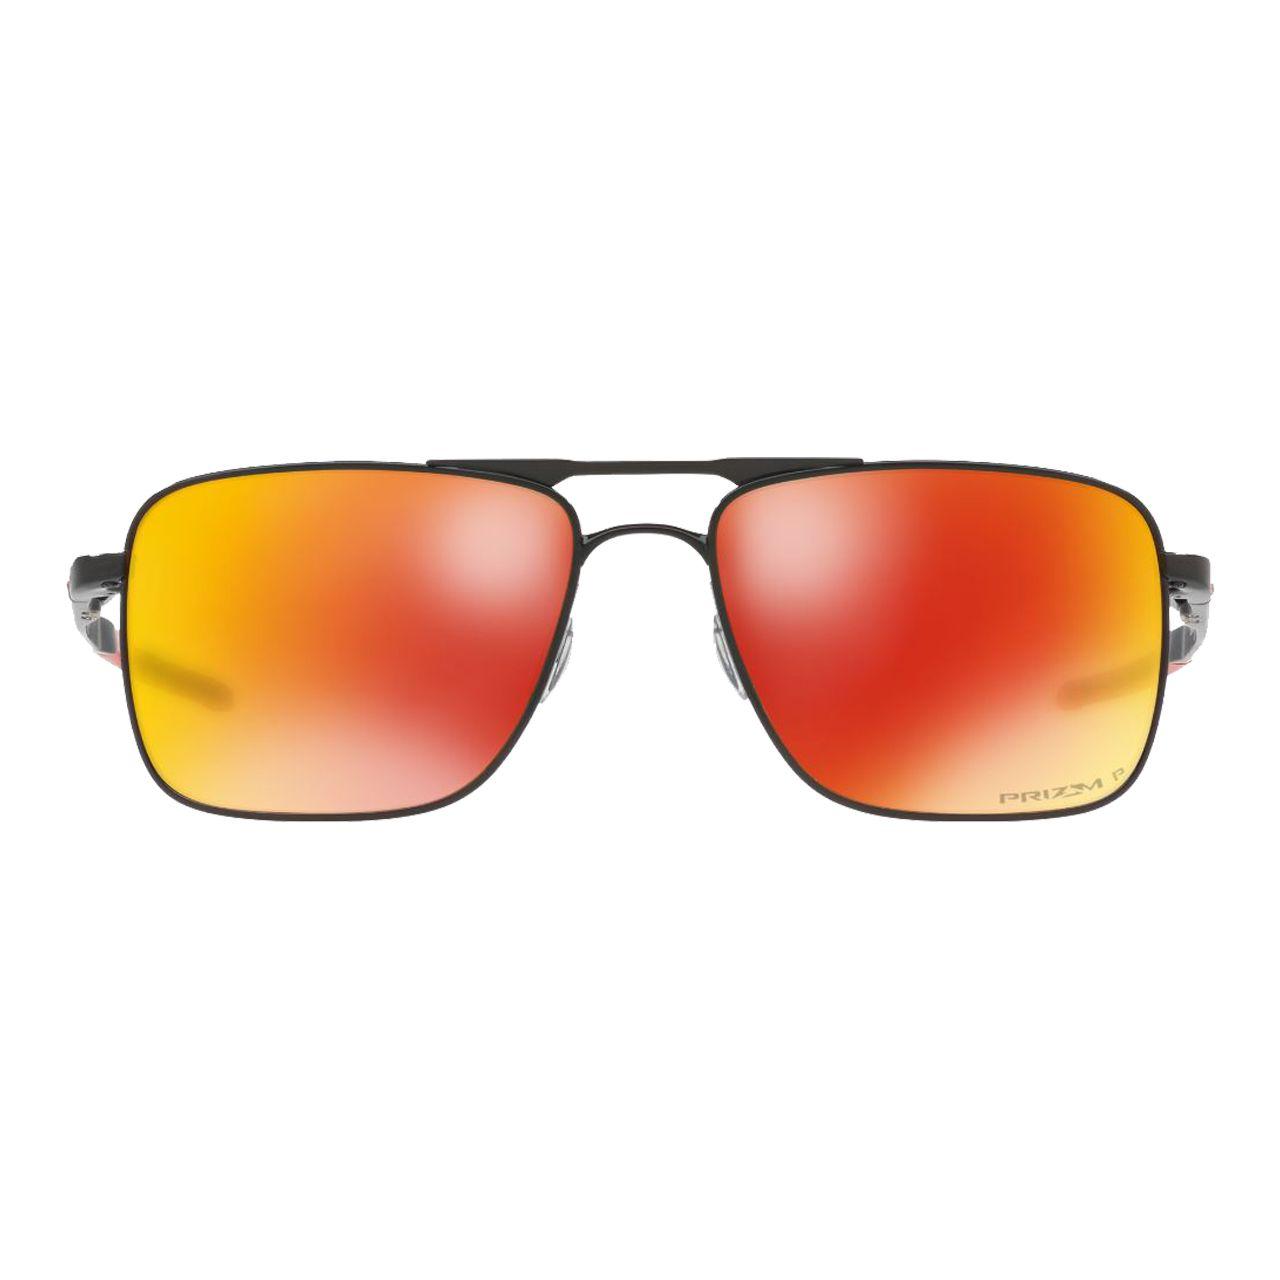 عینک آفتابی اوکلی مدل Gauge 6 کد OO6038-0457 -  - 2